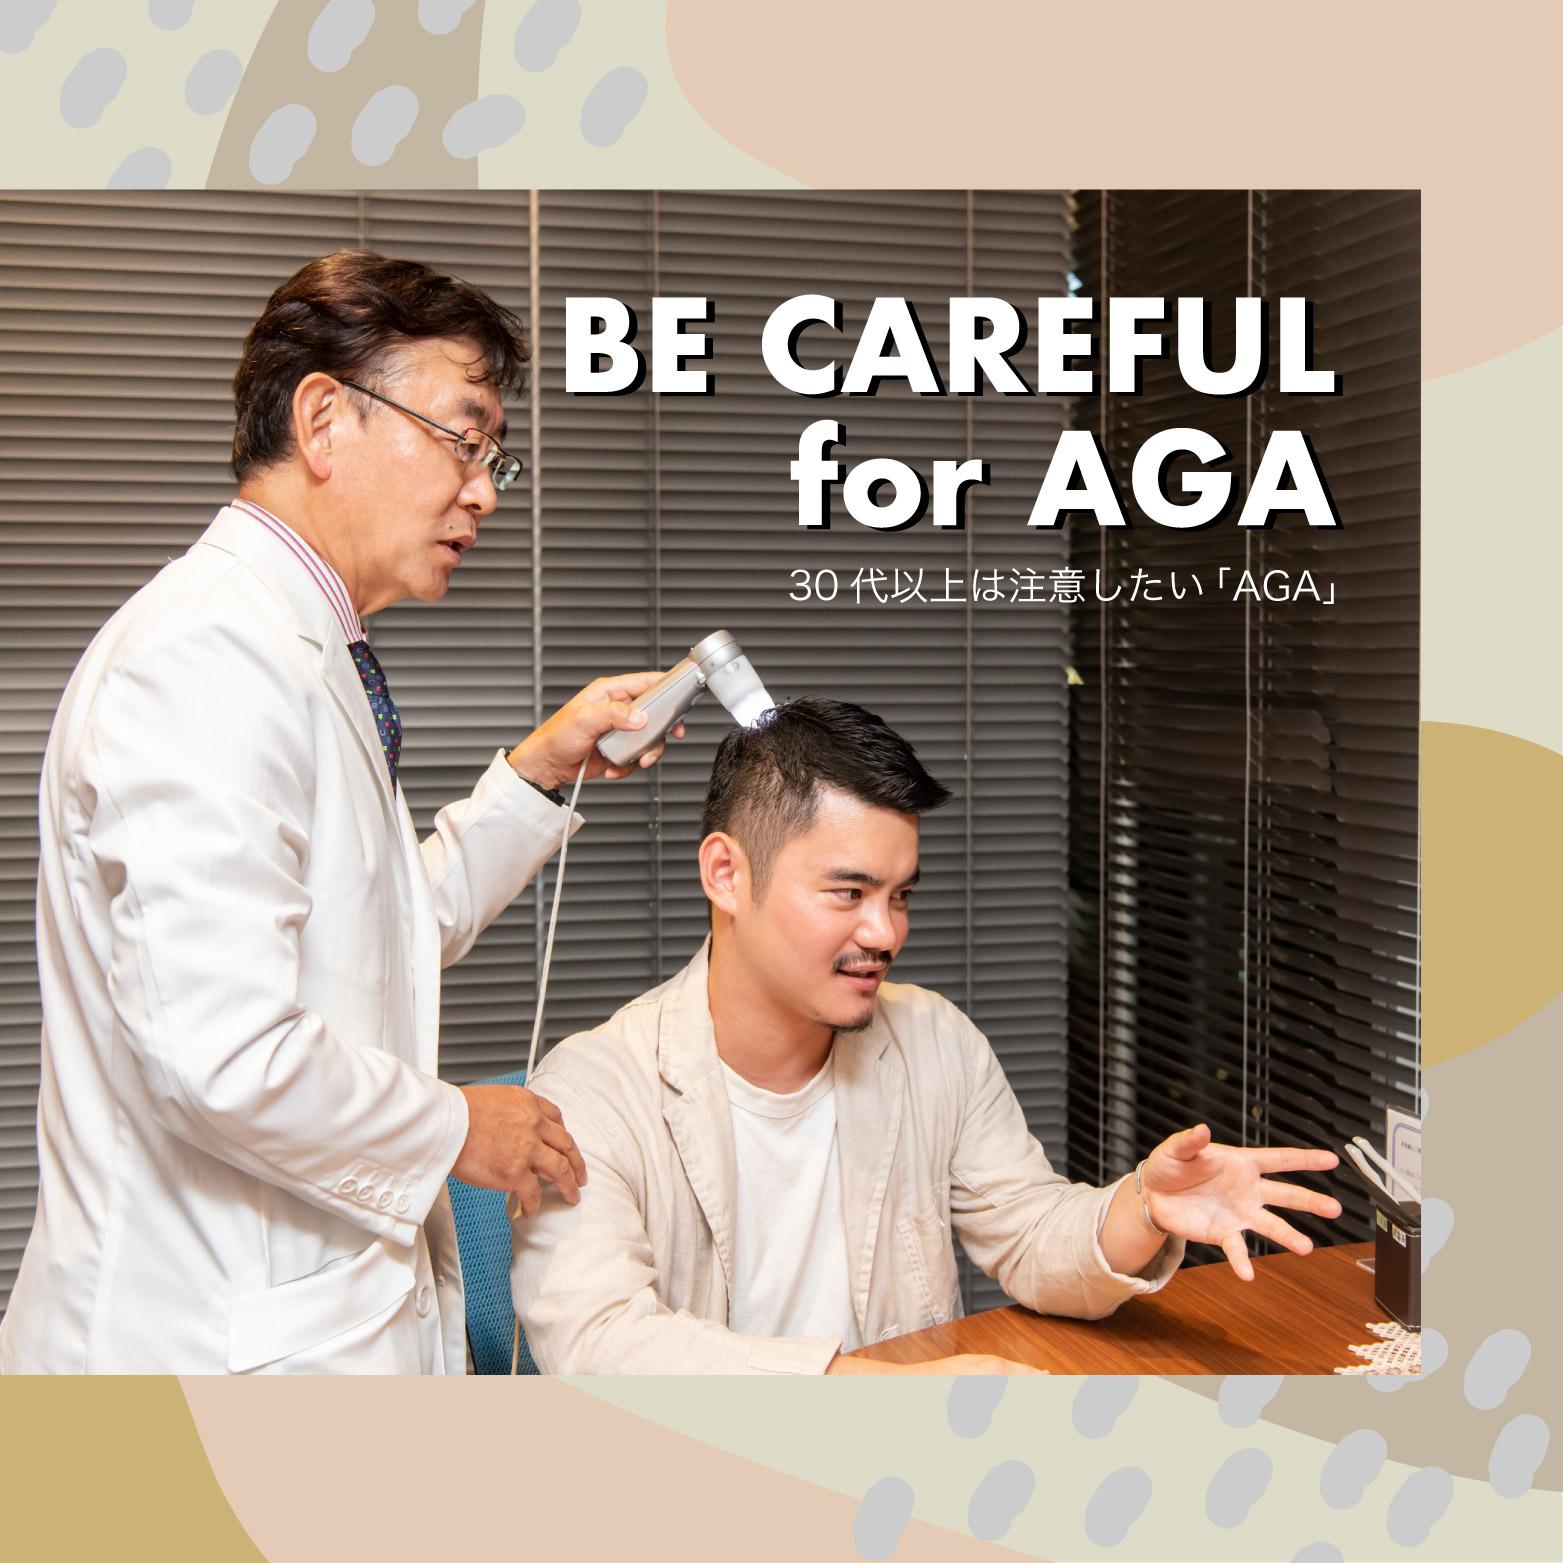 30代以上は注意したい「AGA」、予防と治療について専門家に聞いてみた